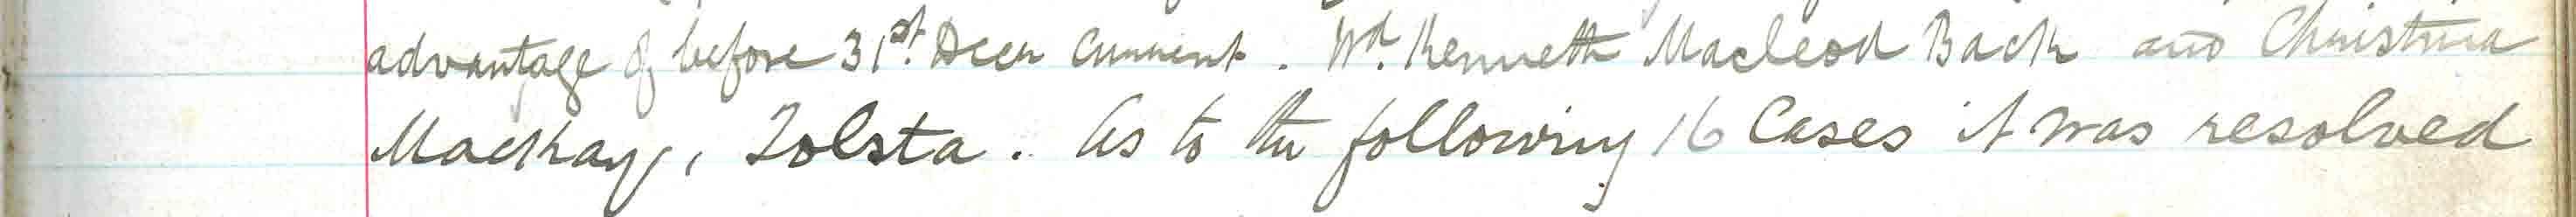 Stornoway Parish Coucnil minute of 27 Oct 1897